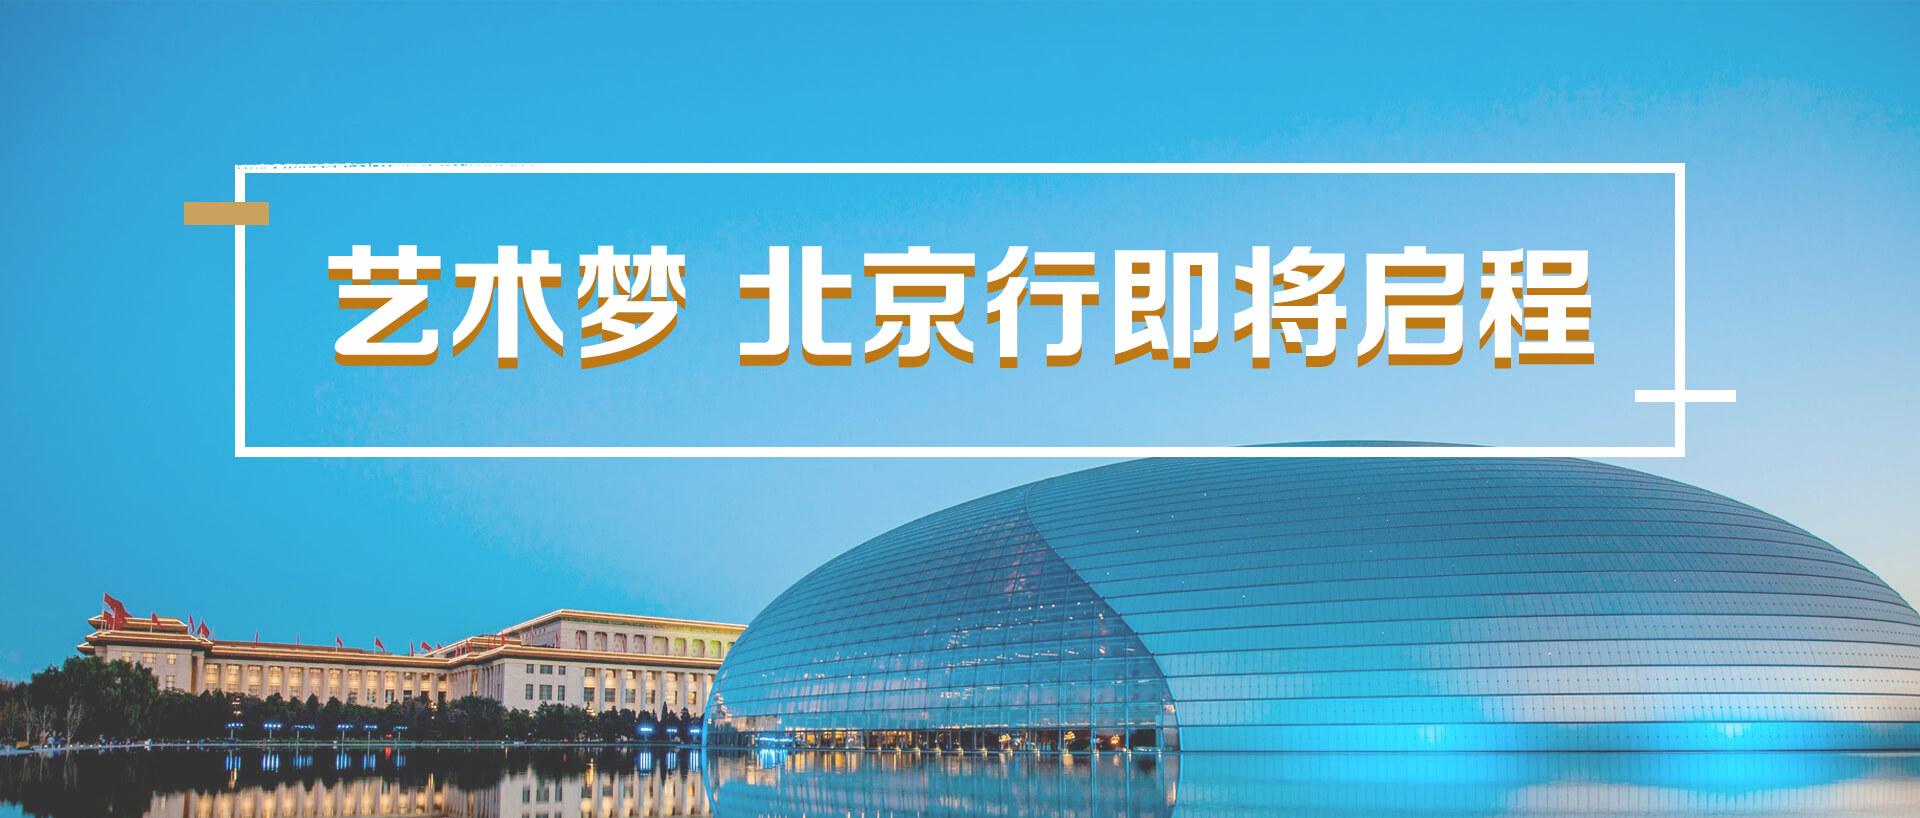 艺术梦 北京行即将启程 | 六天五晚音乐梦想之旅,期待你加入!